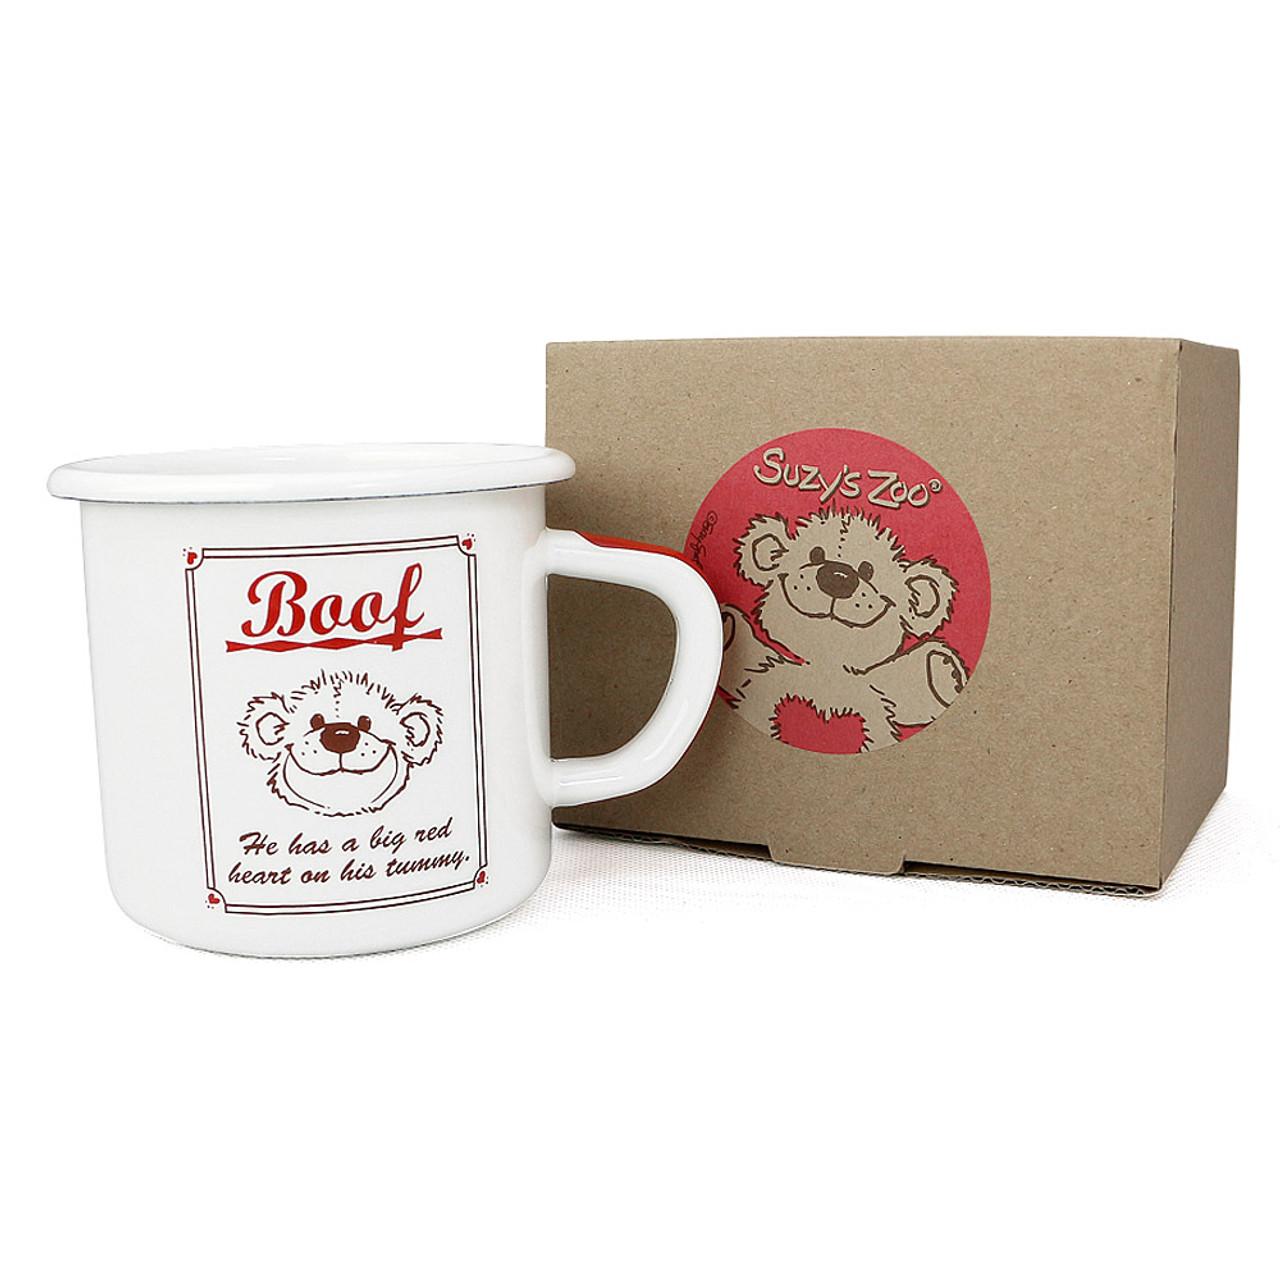 Suzy's Zoo Boof Bear Enamel Mug ( Box View )